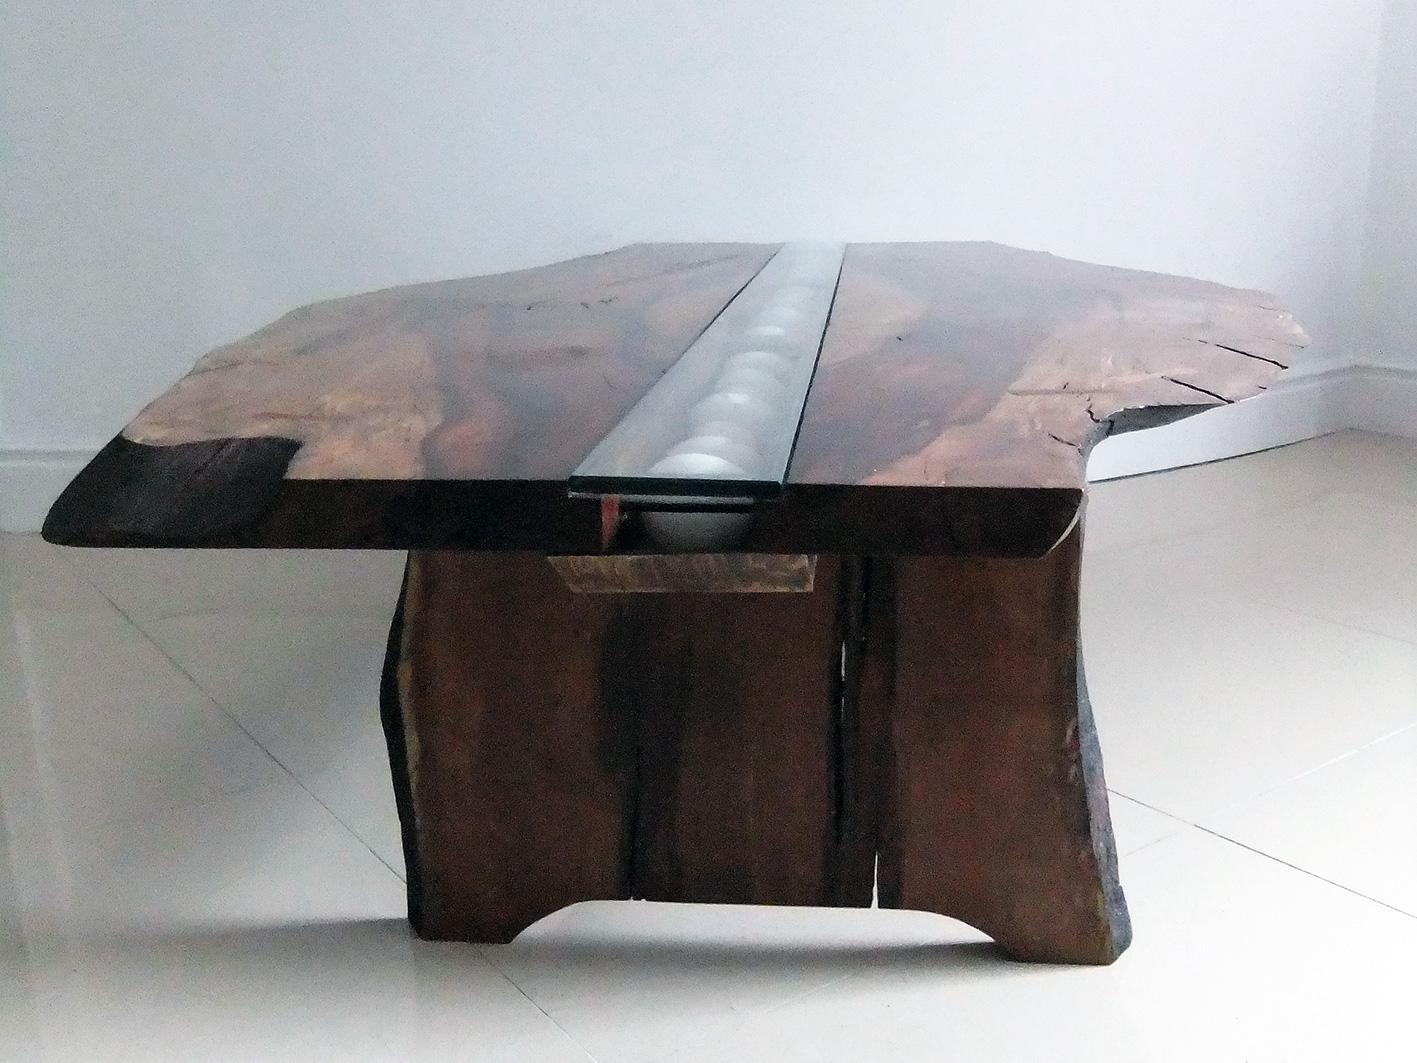 Eggmoney Coffee Table